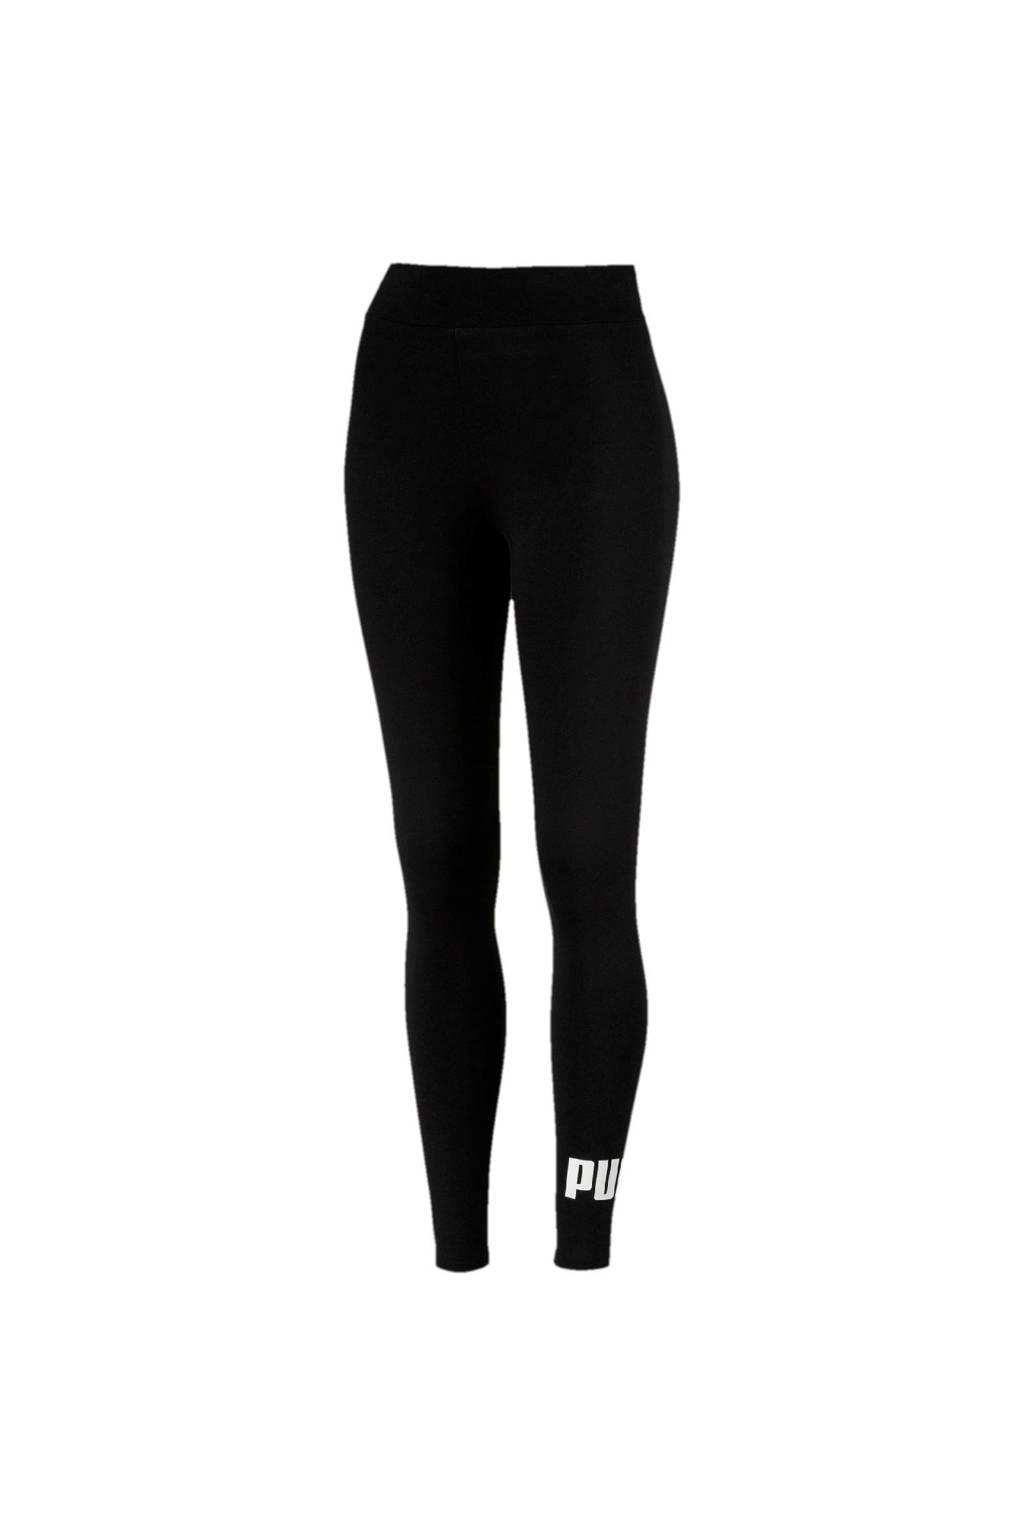 Puma 7/8 sportlegging zwart, Zwart/wit